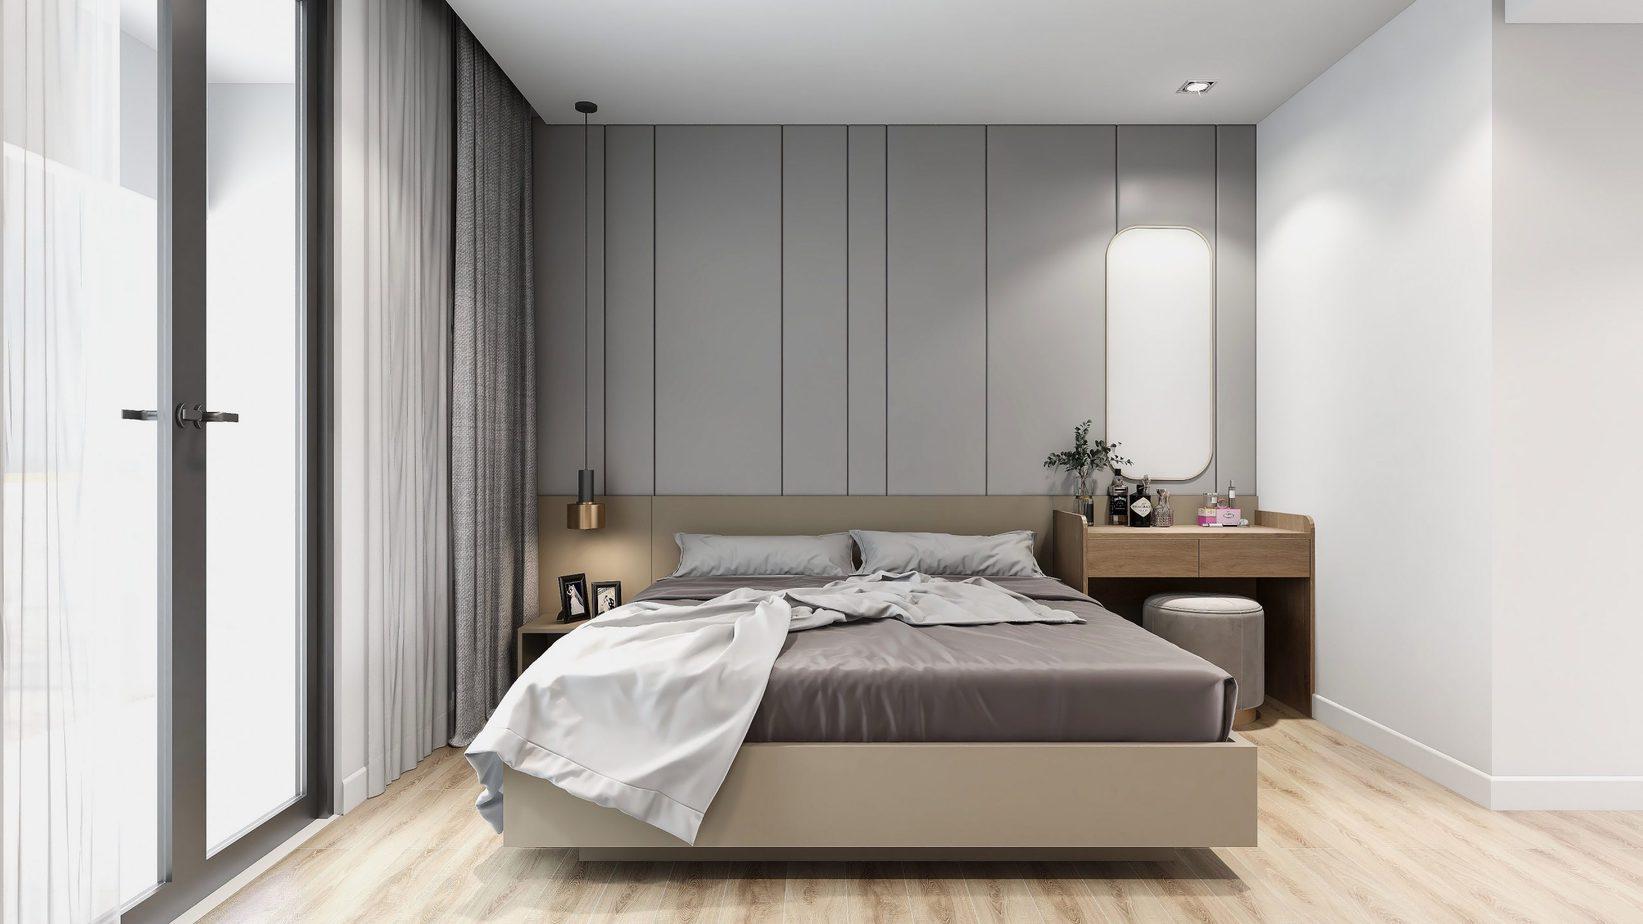 Gam màu be mang lại vẻ đẹp nổi bật nhưng đầy tinh tế cho căn phòng.